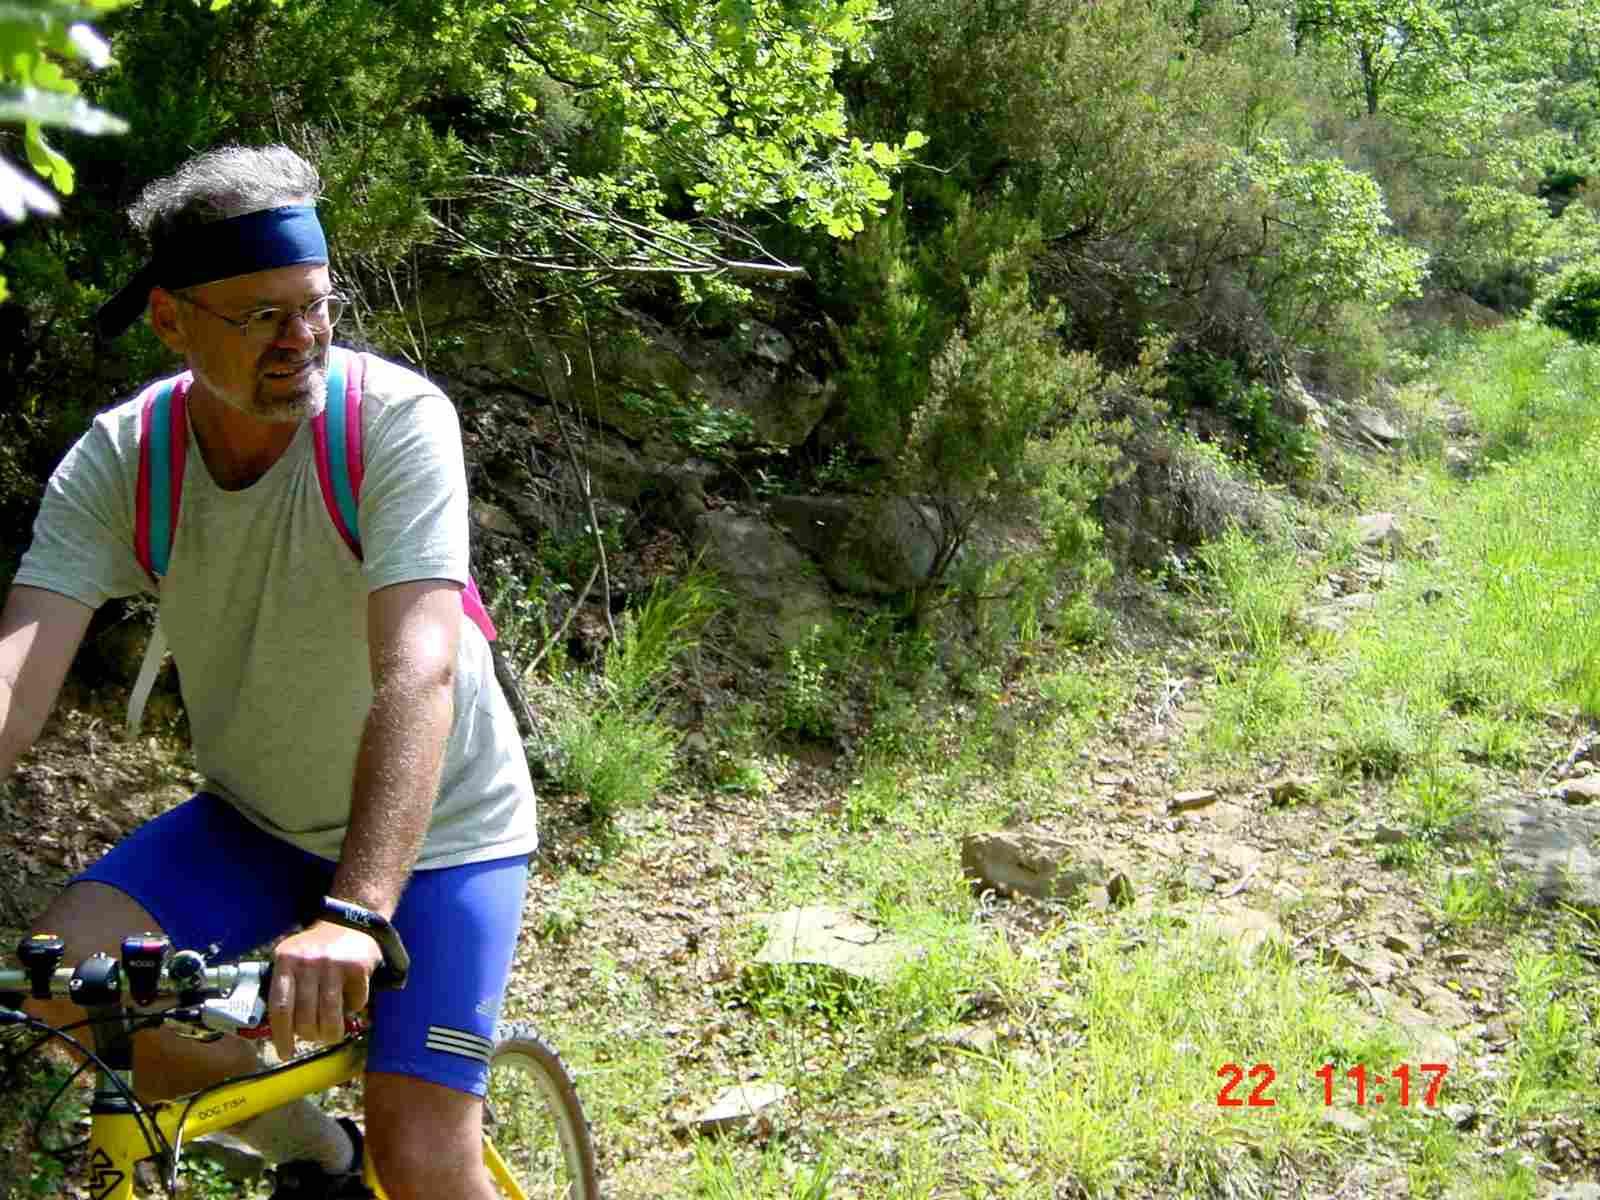 Foto: Manfred Karl / Mountainbike Tour / Monte Castel Giudeo, 1037 m / Hoffentlich kommt keine Wildsau daher! / 20.06.2007 06:26:32